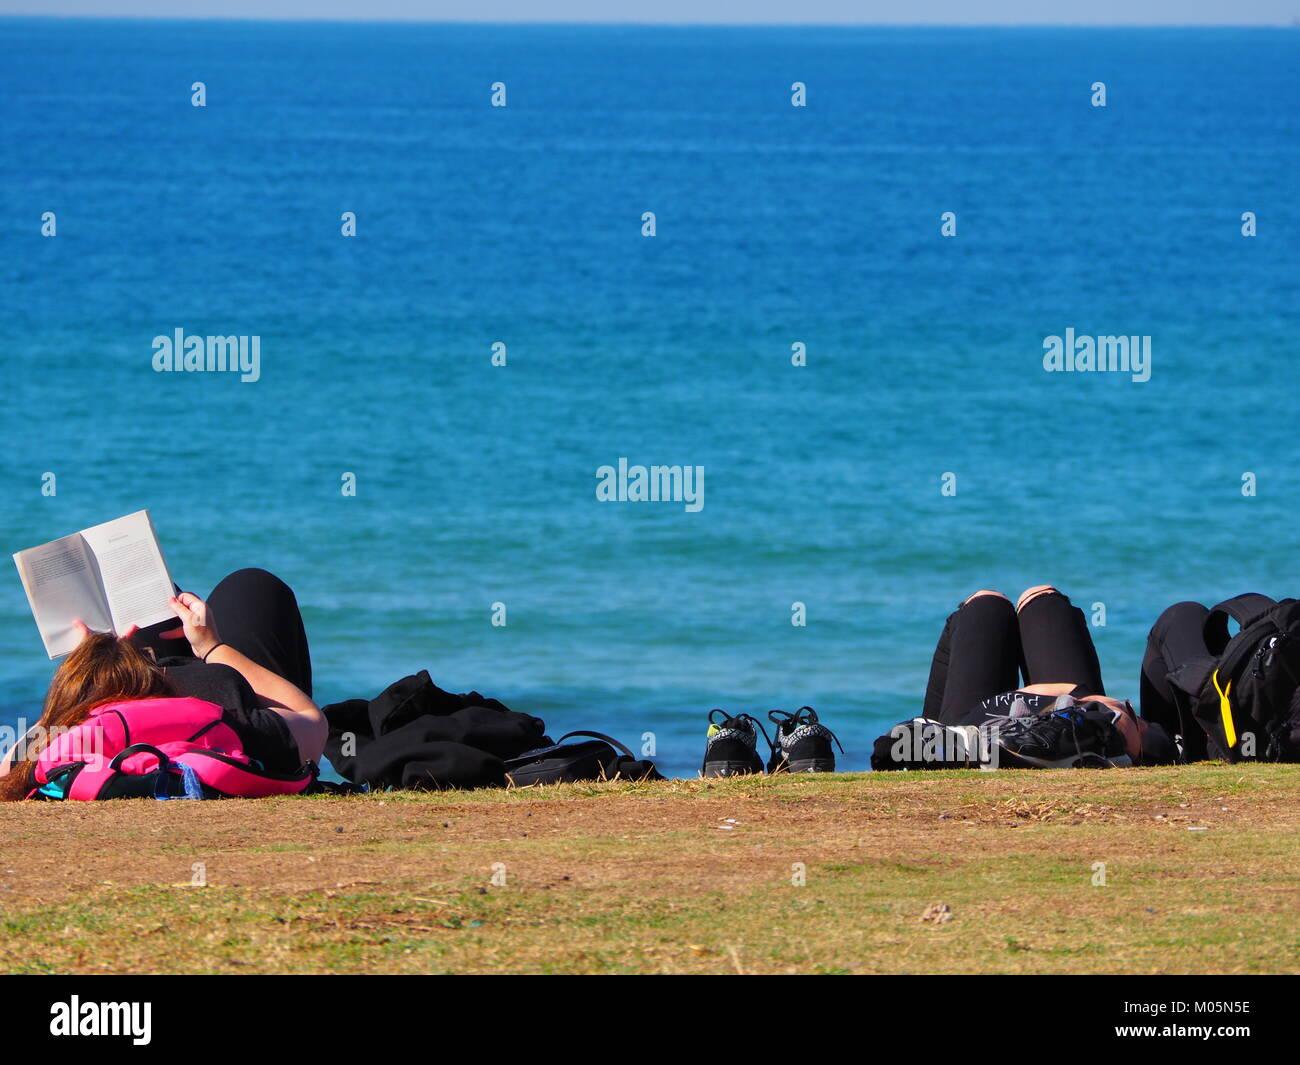 Eine Gruppe Von Freunden In Der Sonne Liegen Und Relaxen Spaß An Der